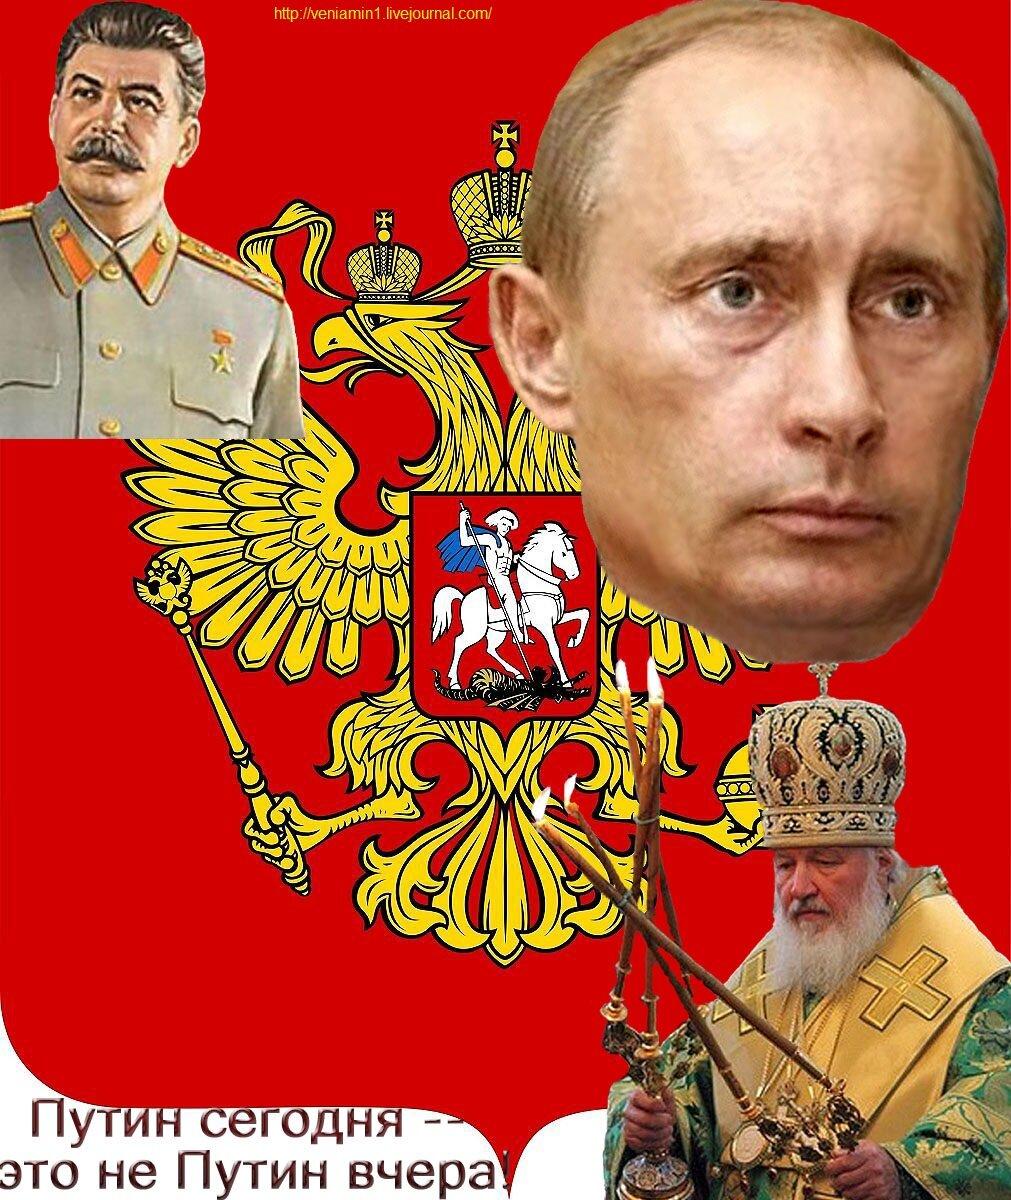 Путин, Сталин, Патриарх, Росия,